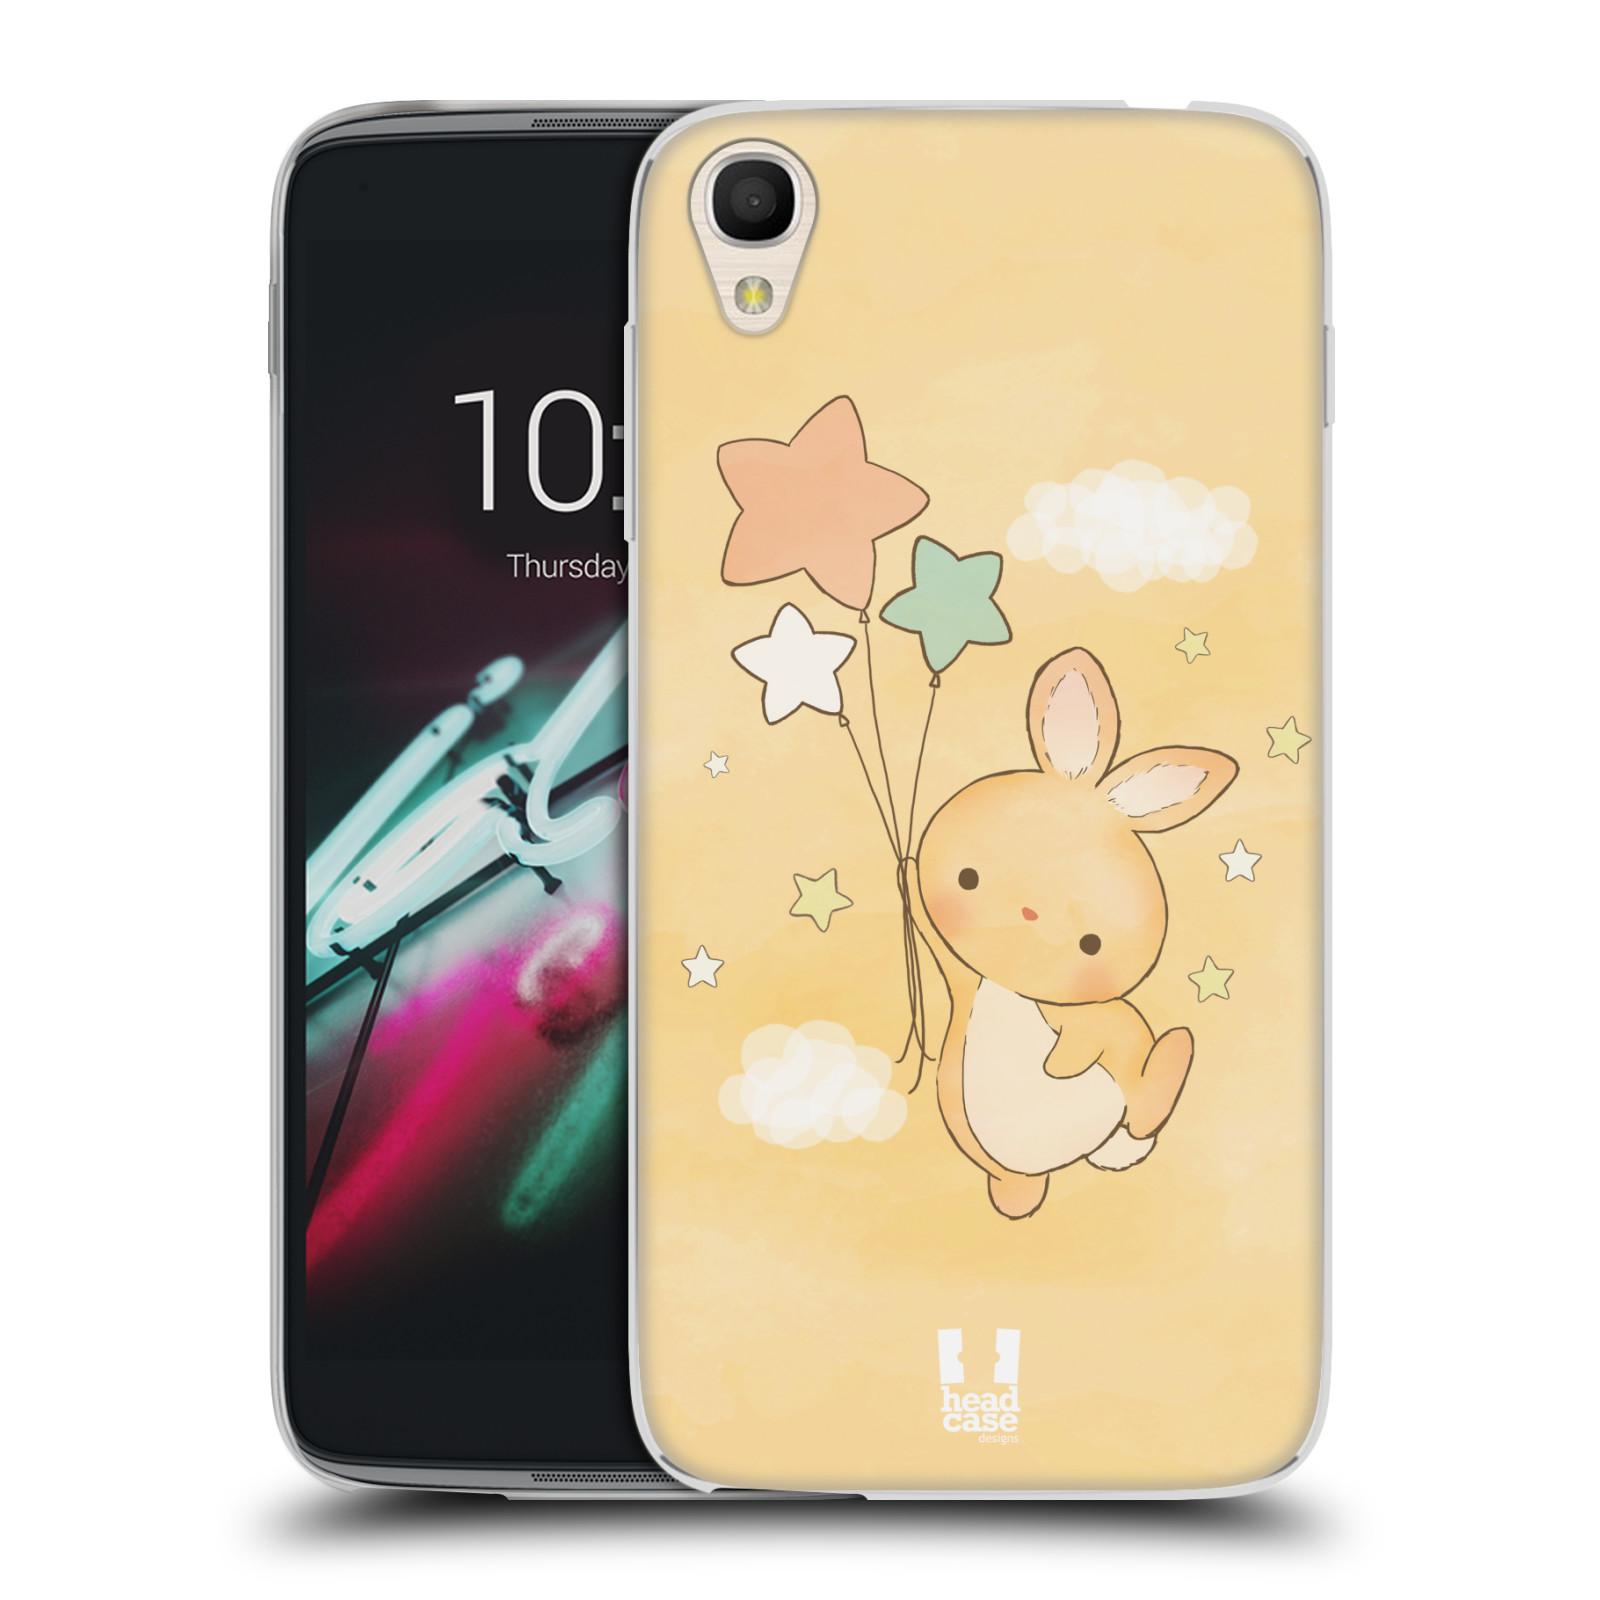 HEAD CASE silikonový obal na mobil Alcatel Idol 3 OT-6039Y (4.7) vzor králíček a hvězdy žlutá